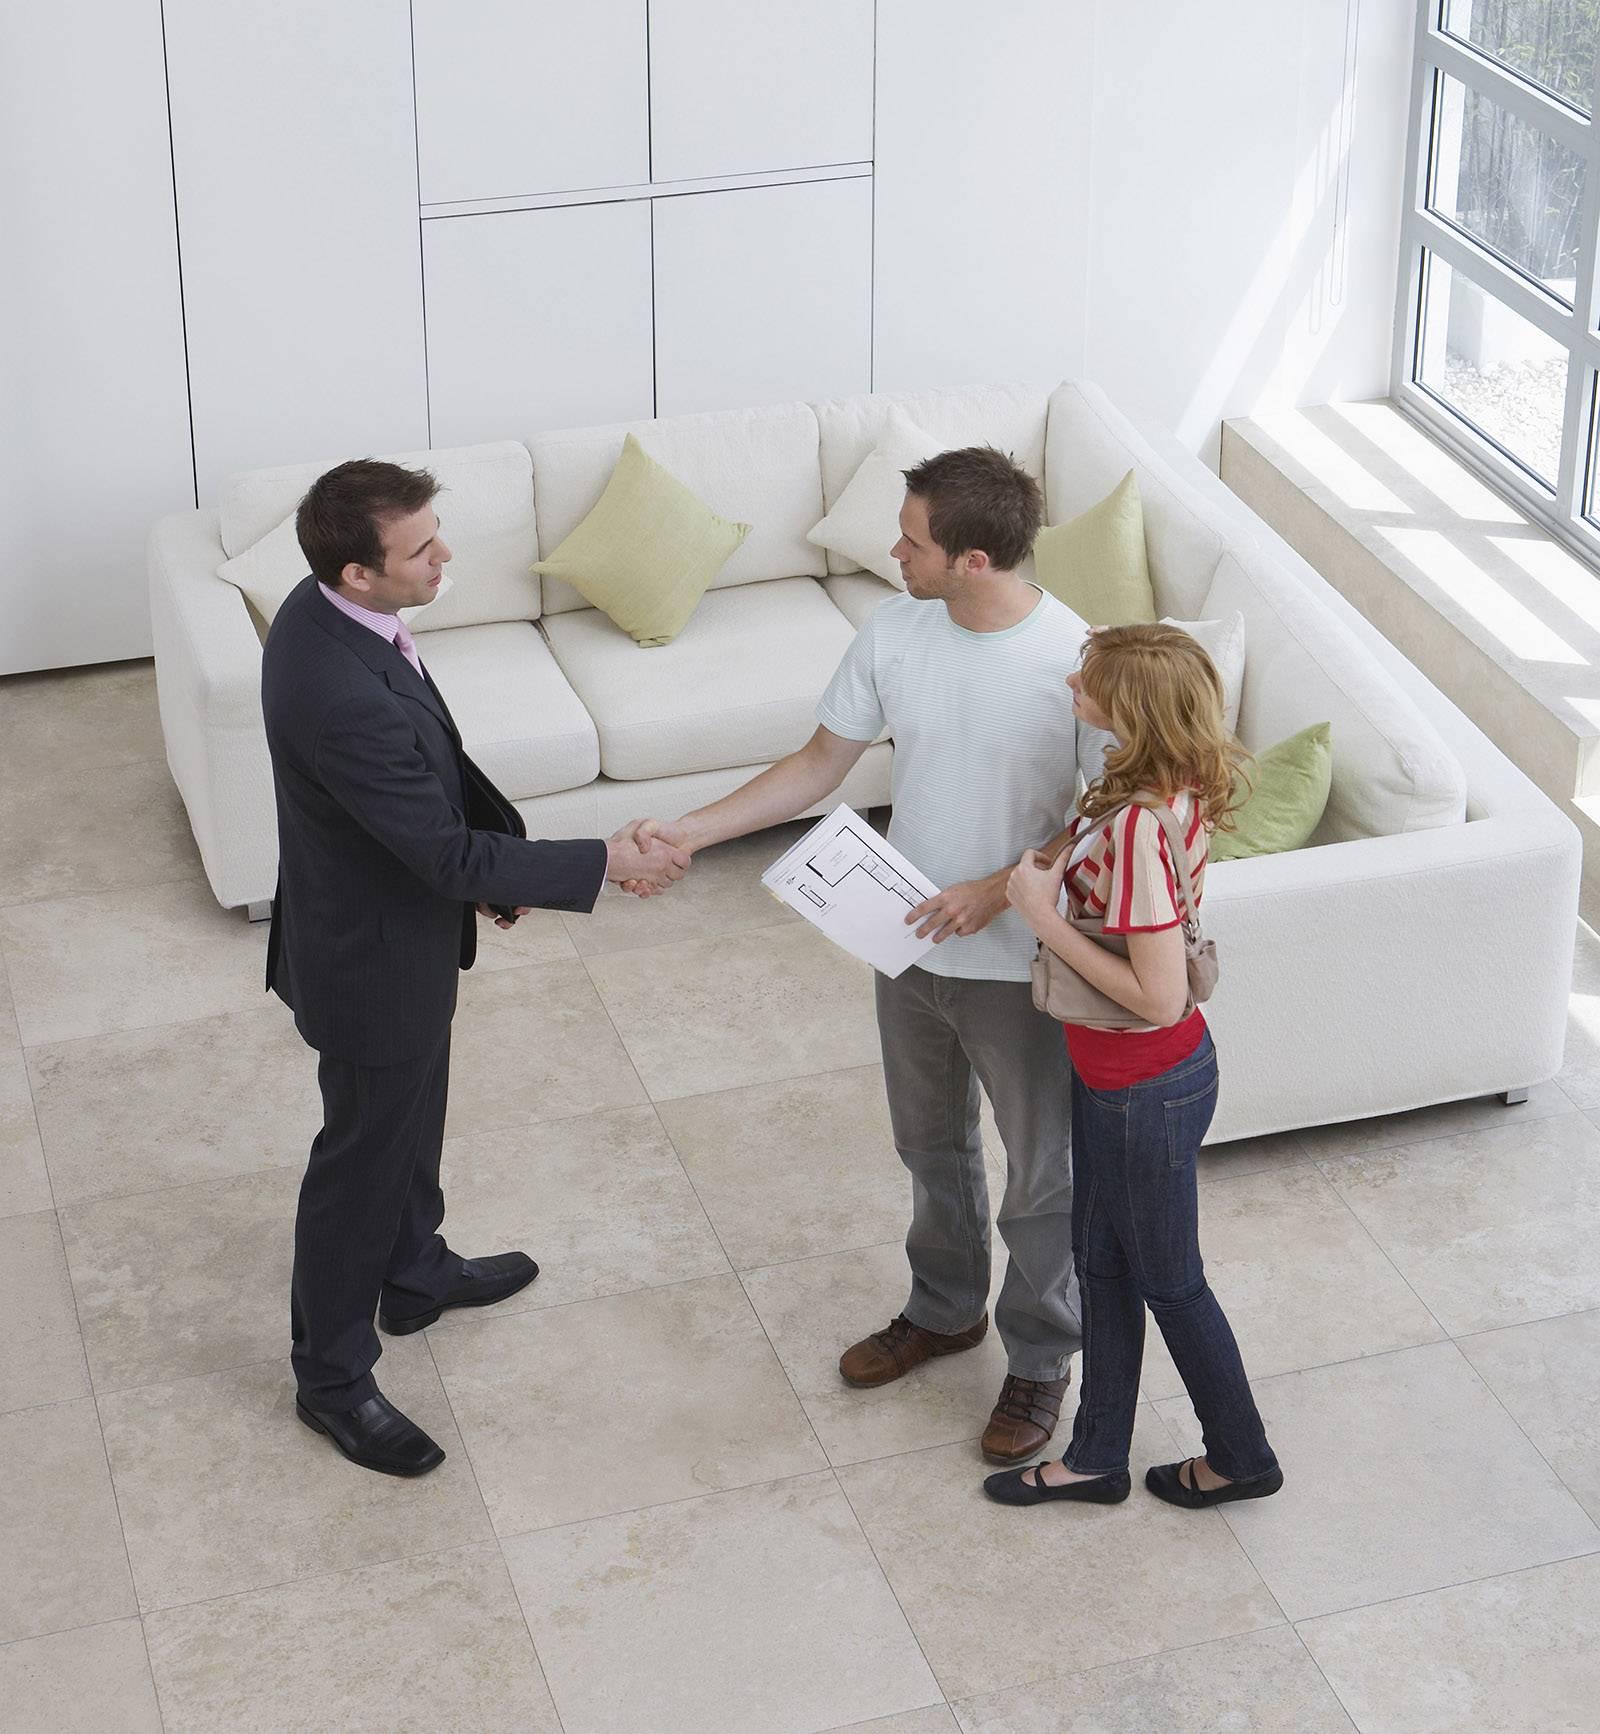 Как я сдаю жилье. секреты арендодателя по сдаче квартиры в аренду